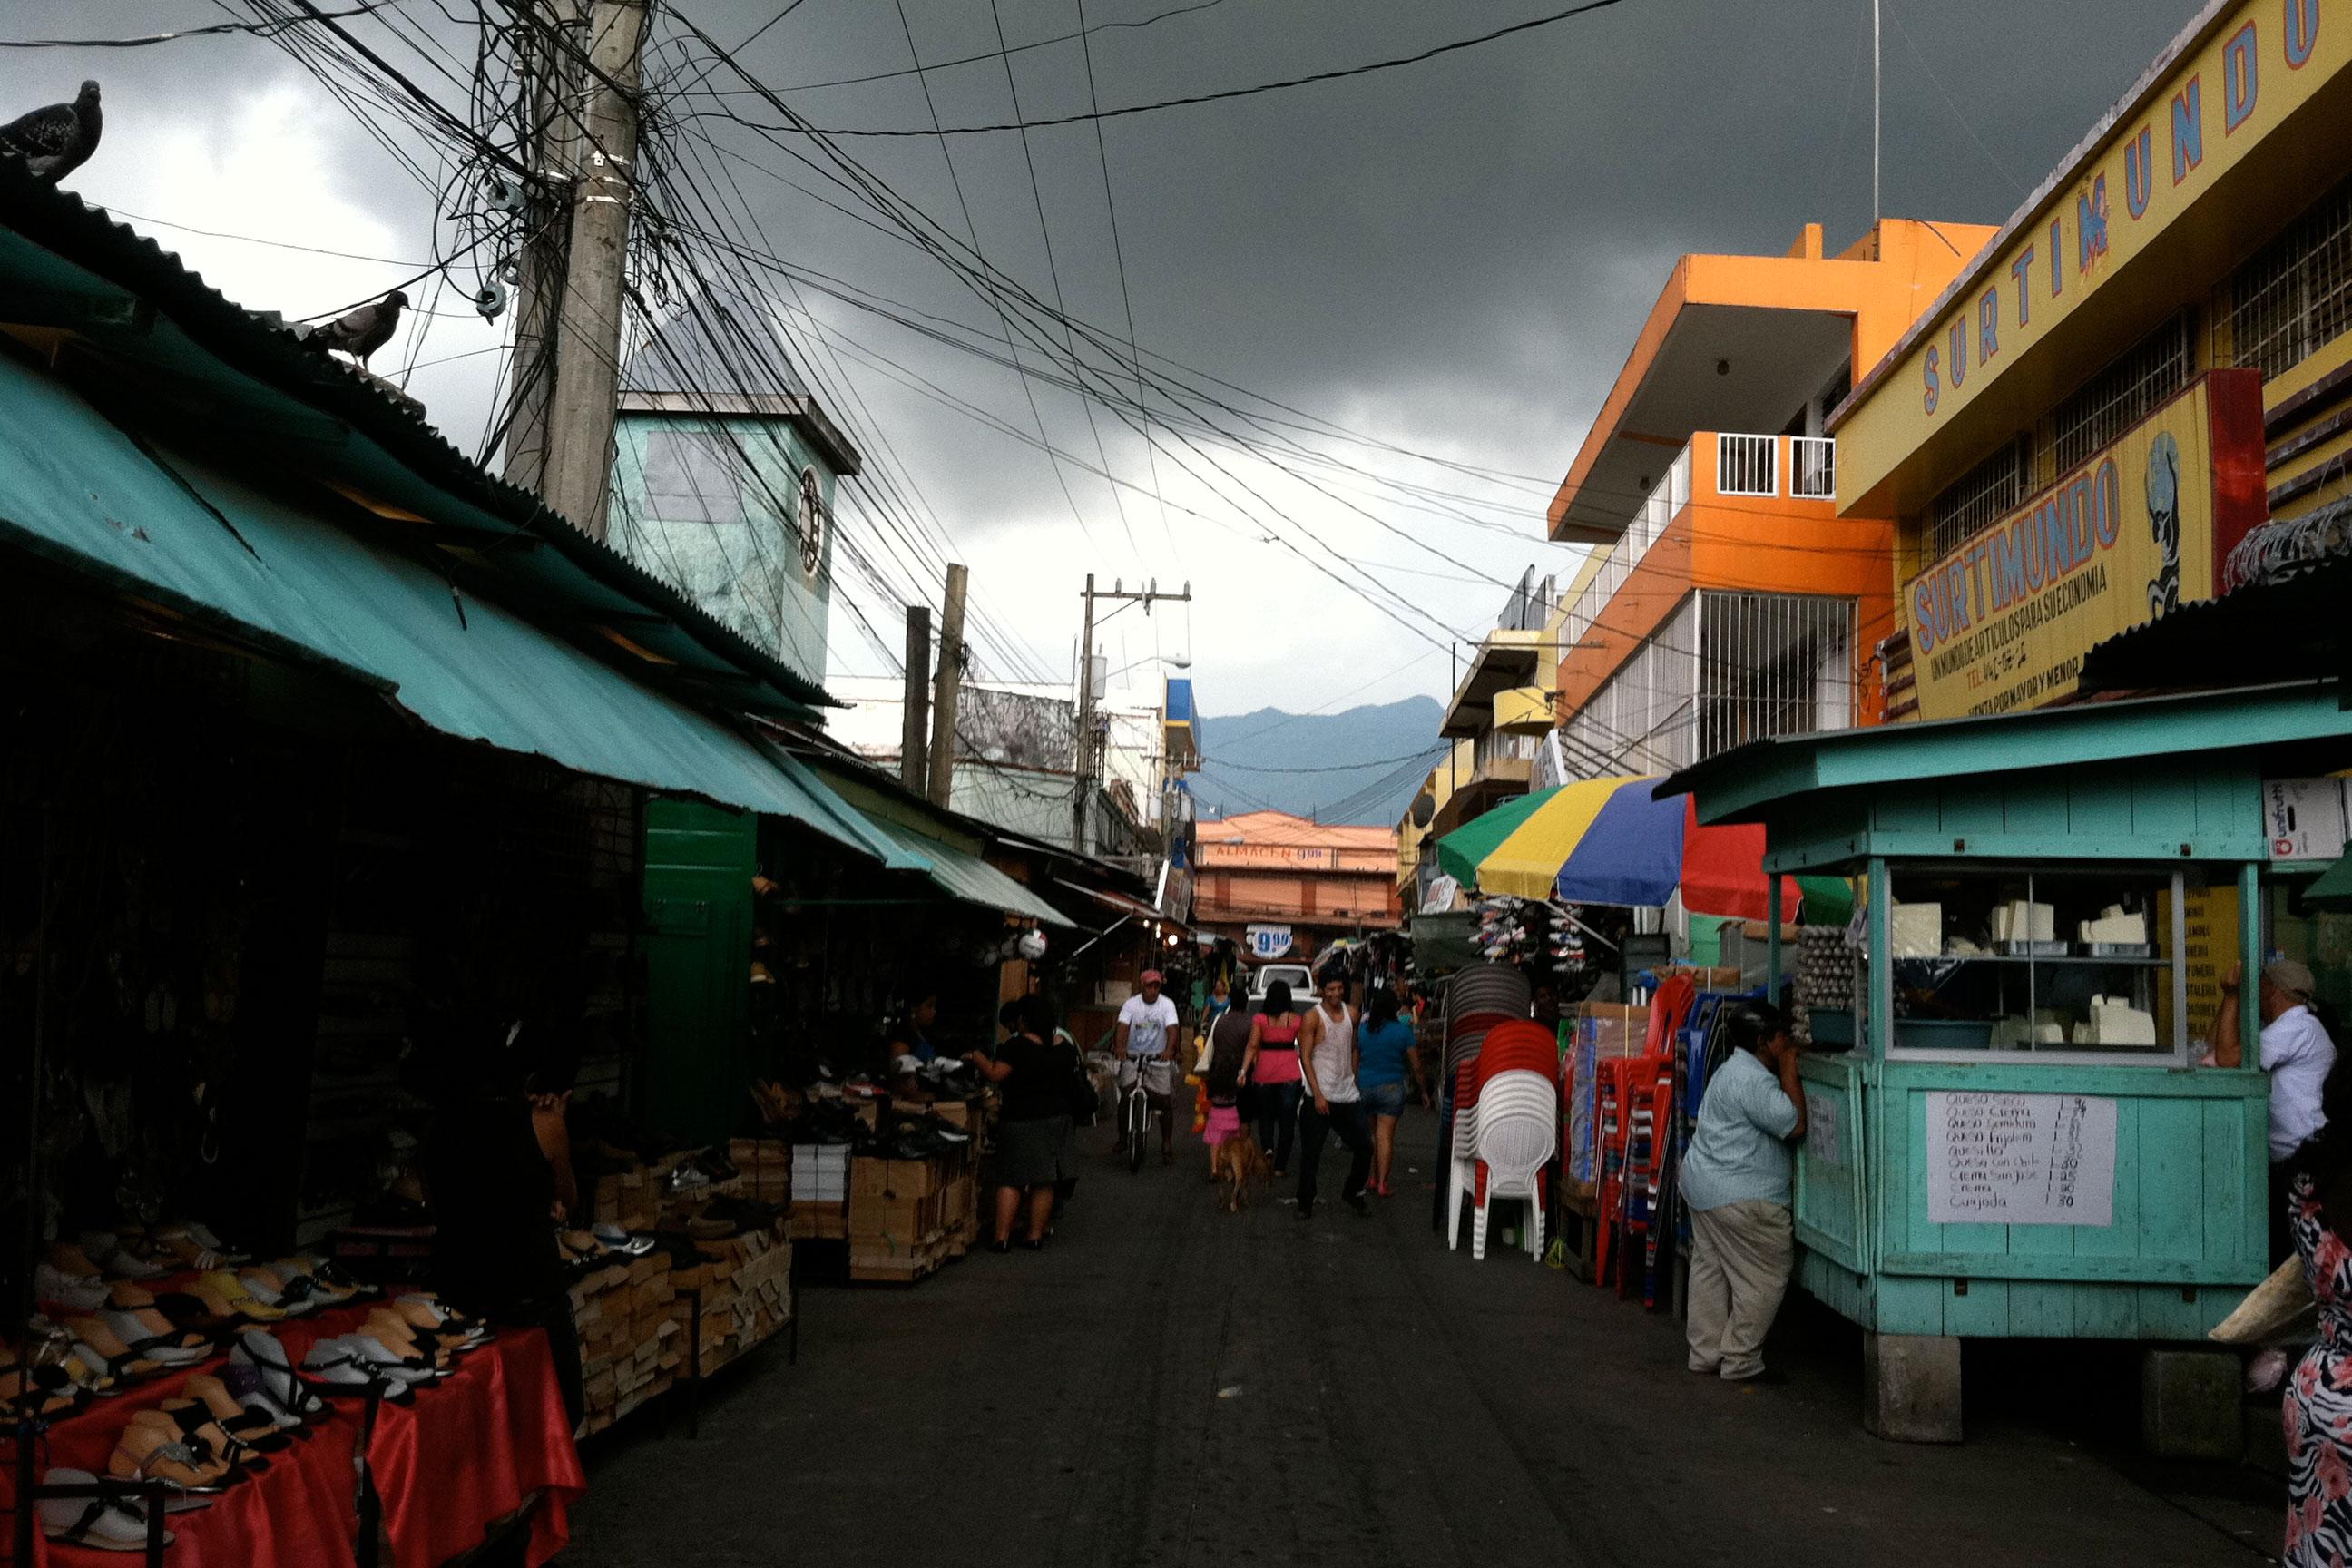 La Ceiba Market